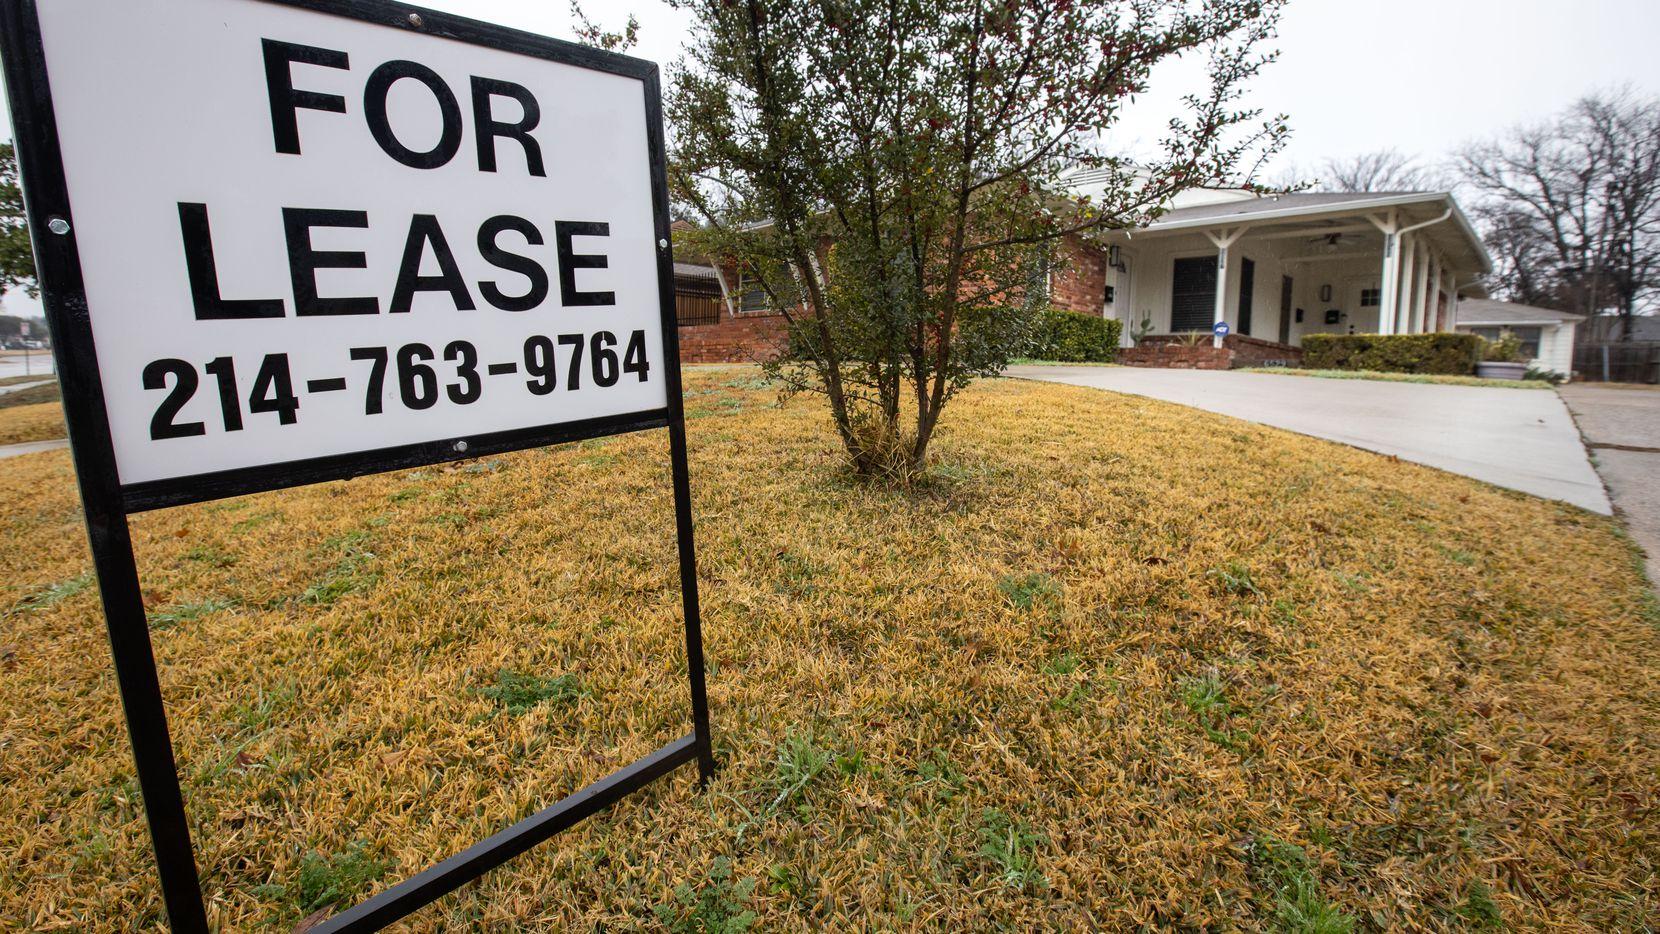 Los precios para la renta de una propiedad en Dallas y Fort Worth subieron 13.7% en el último año.